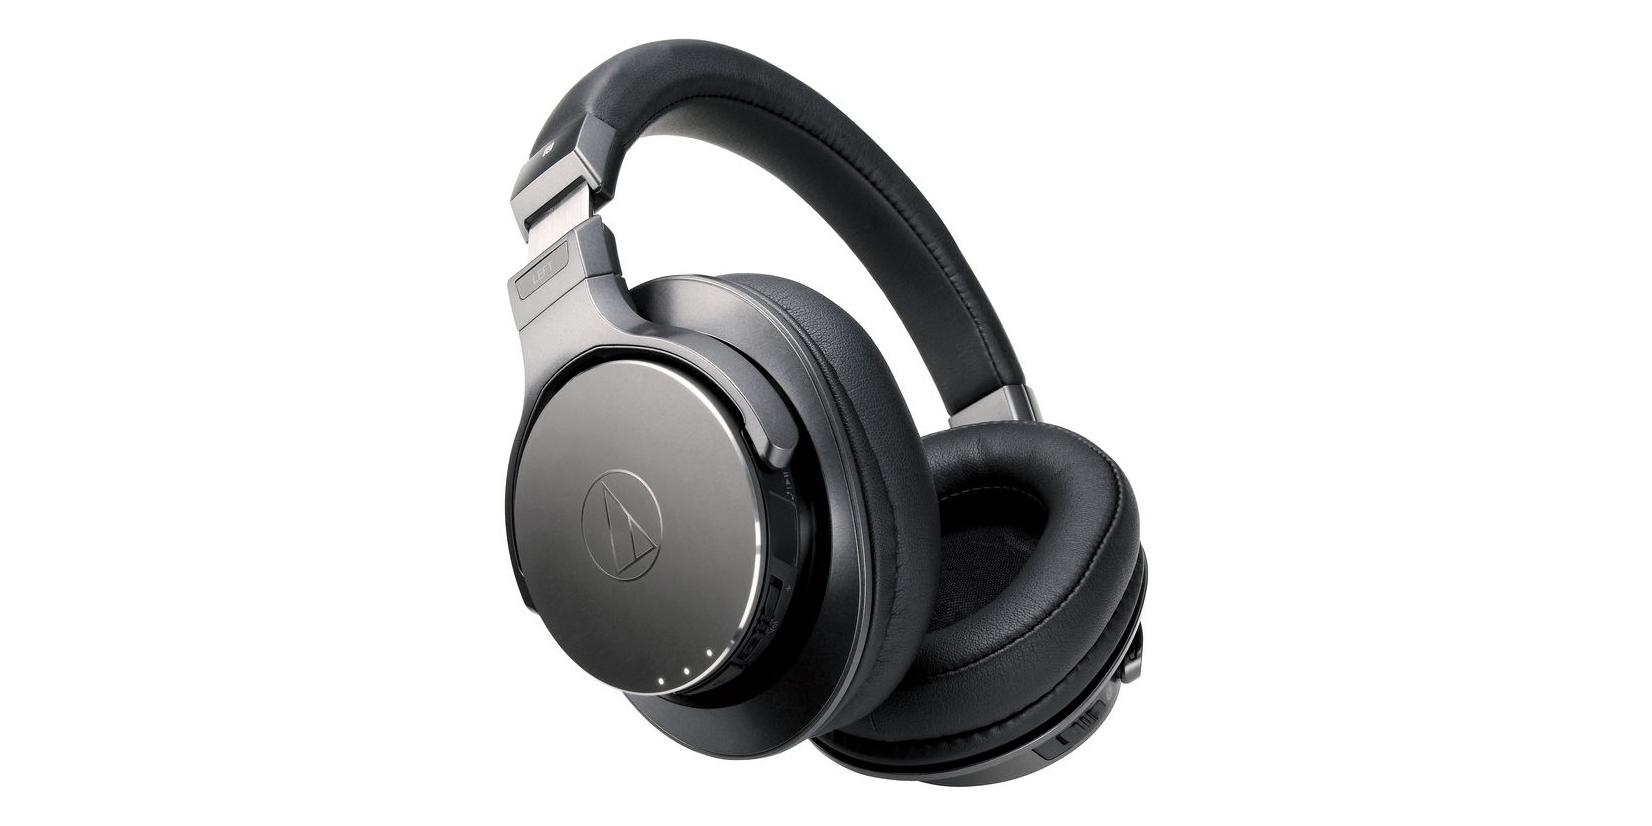 Audio-Technica's high-res wireless headphones get 1-day drop to $200 (Reg. $250)